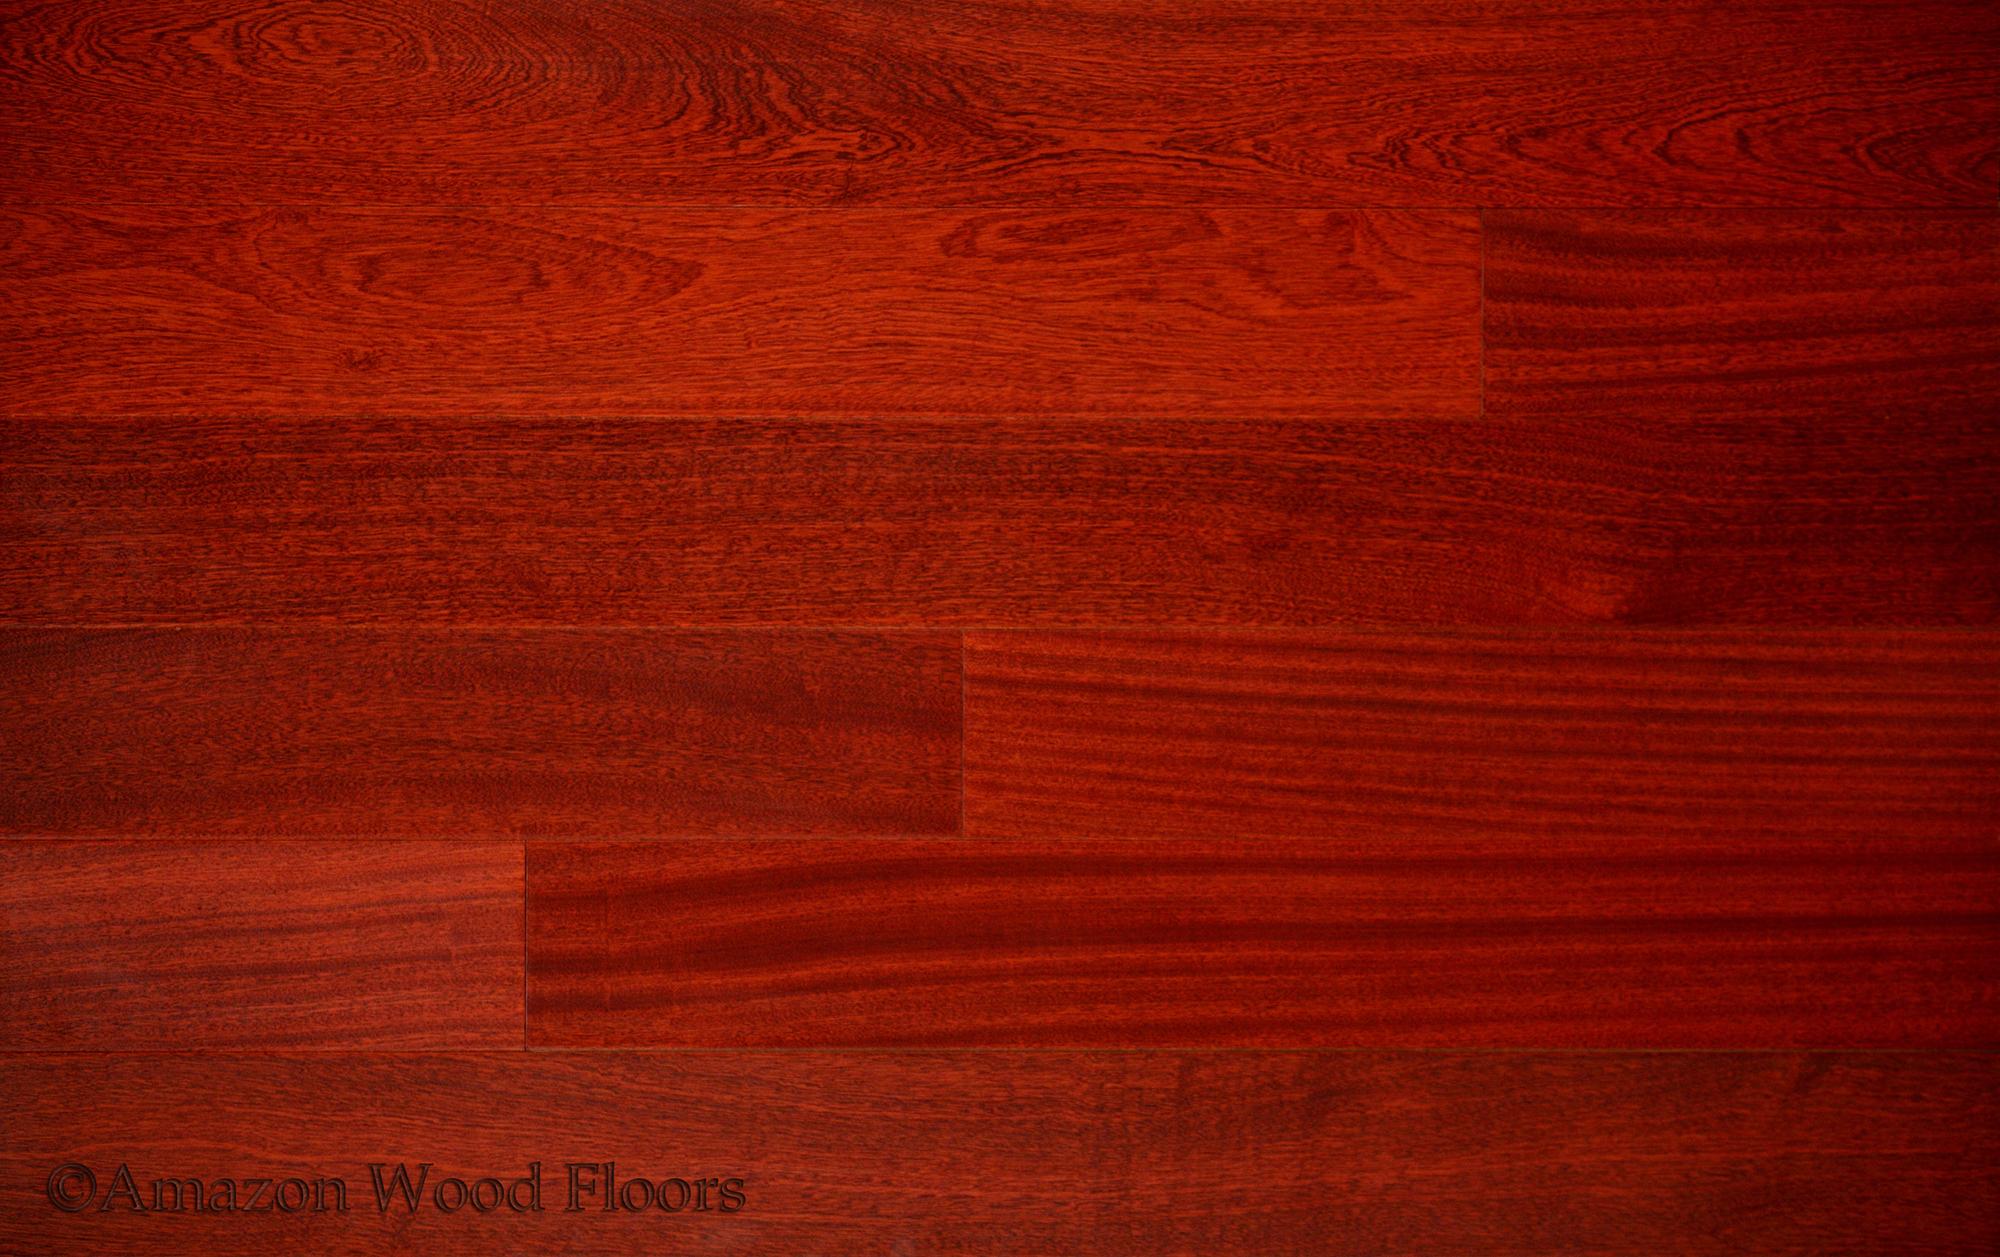 Raw Mahogany Wood ~ African mahogany sapele varmelho